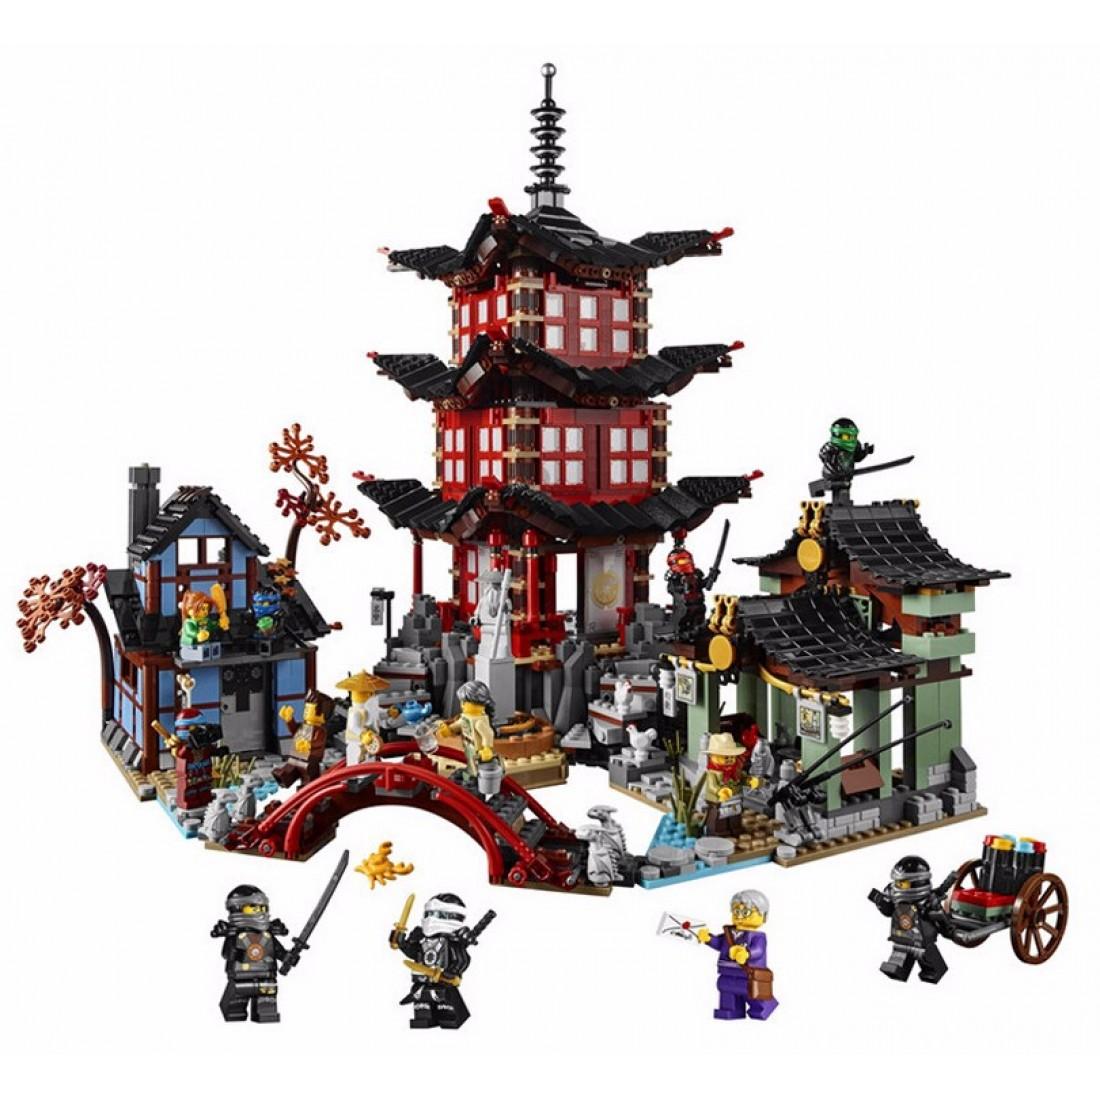 Картинки лего наборов ниндзяго